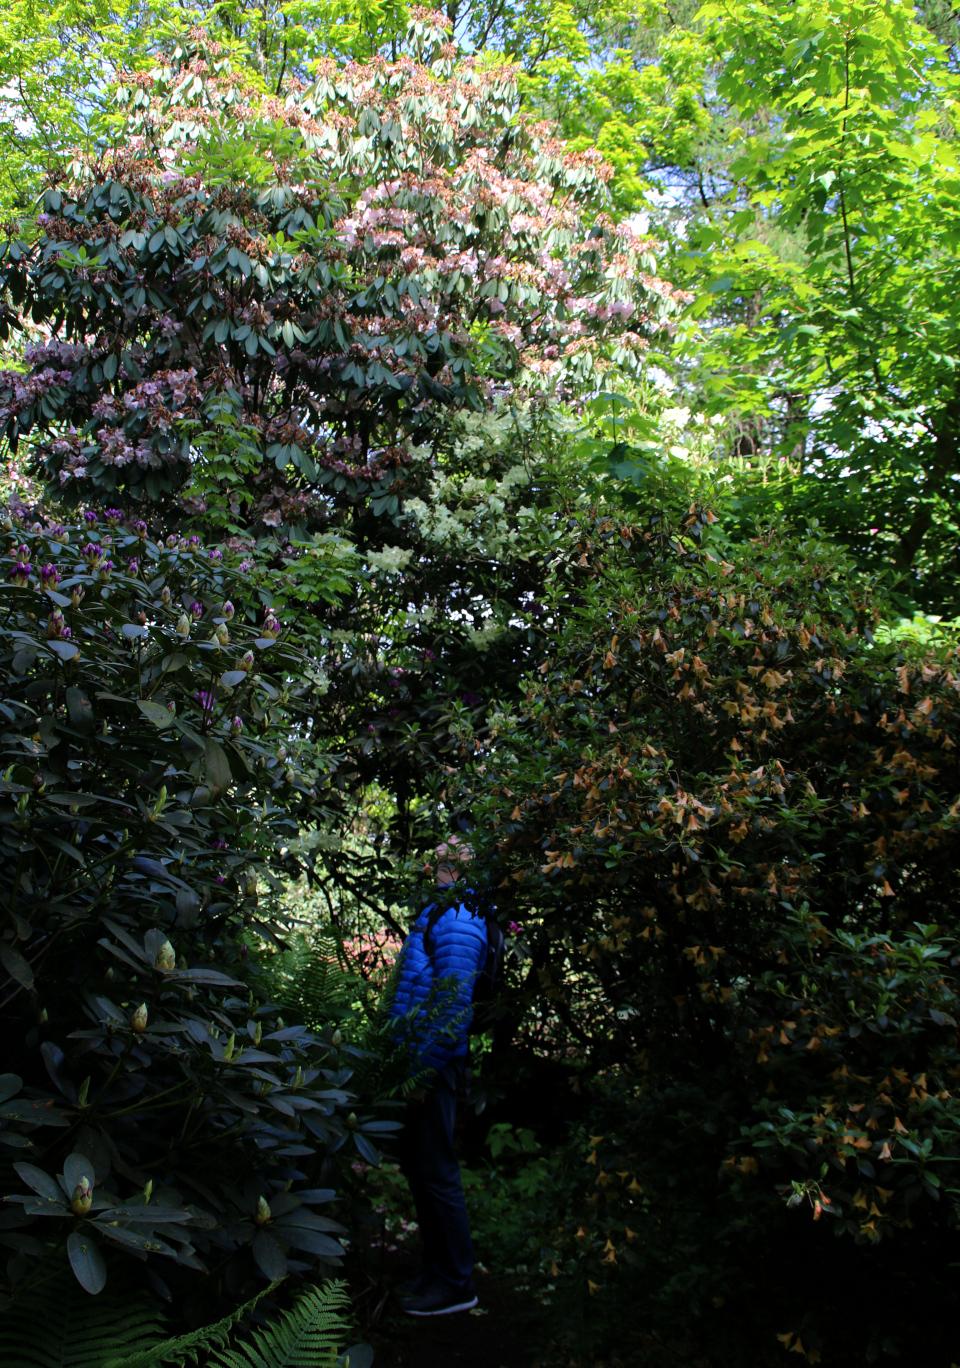 Высокий куст рододендрона в лесопарке, г. Тёрринг, Дания